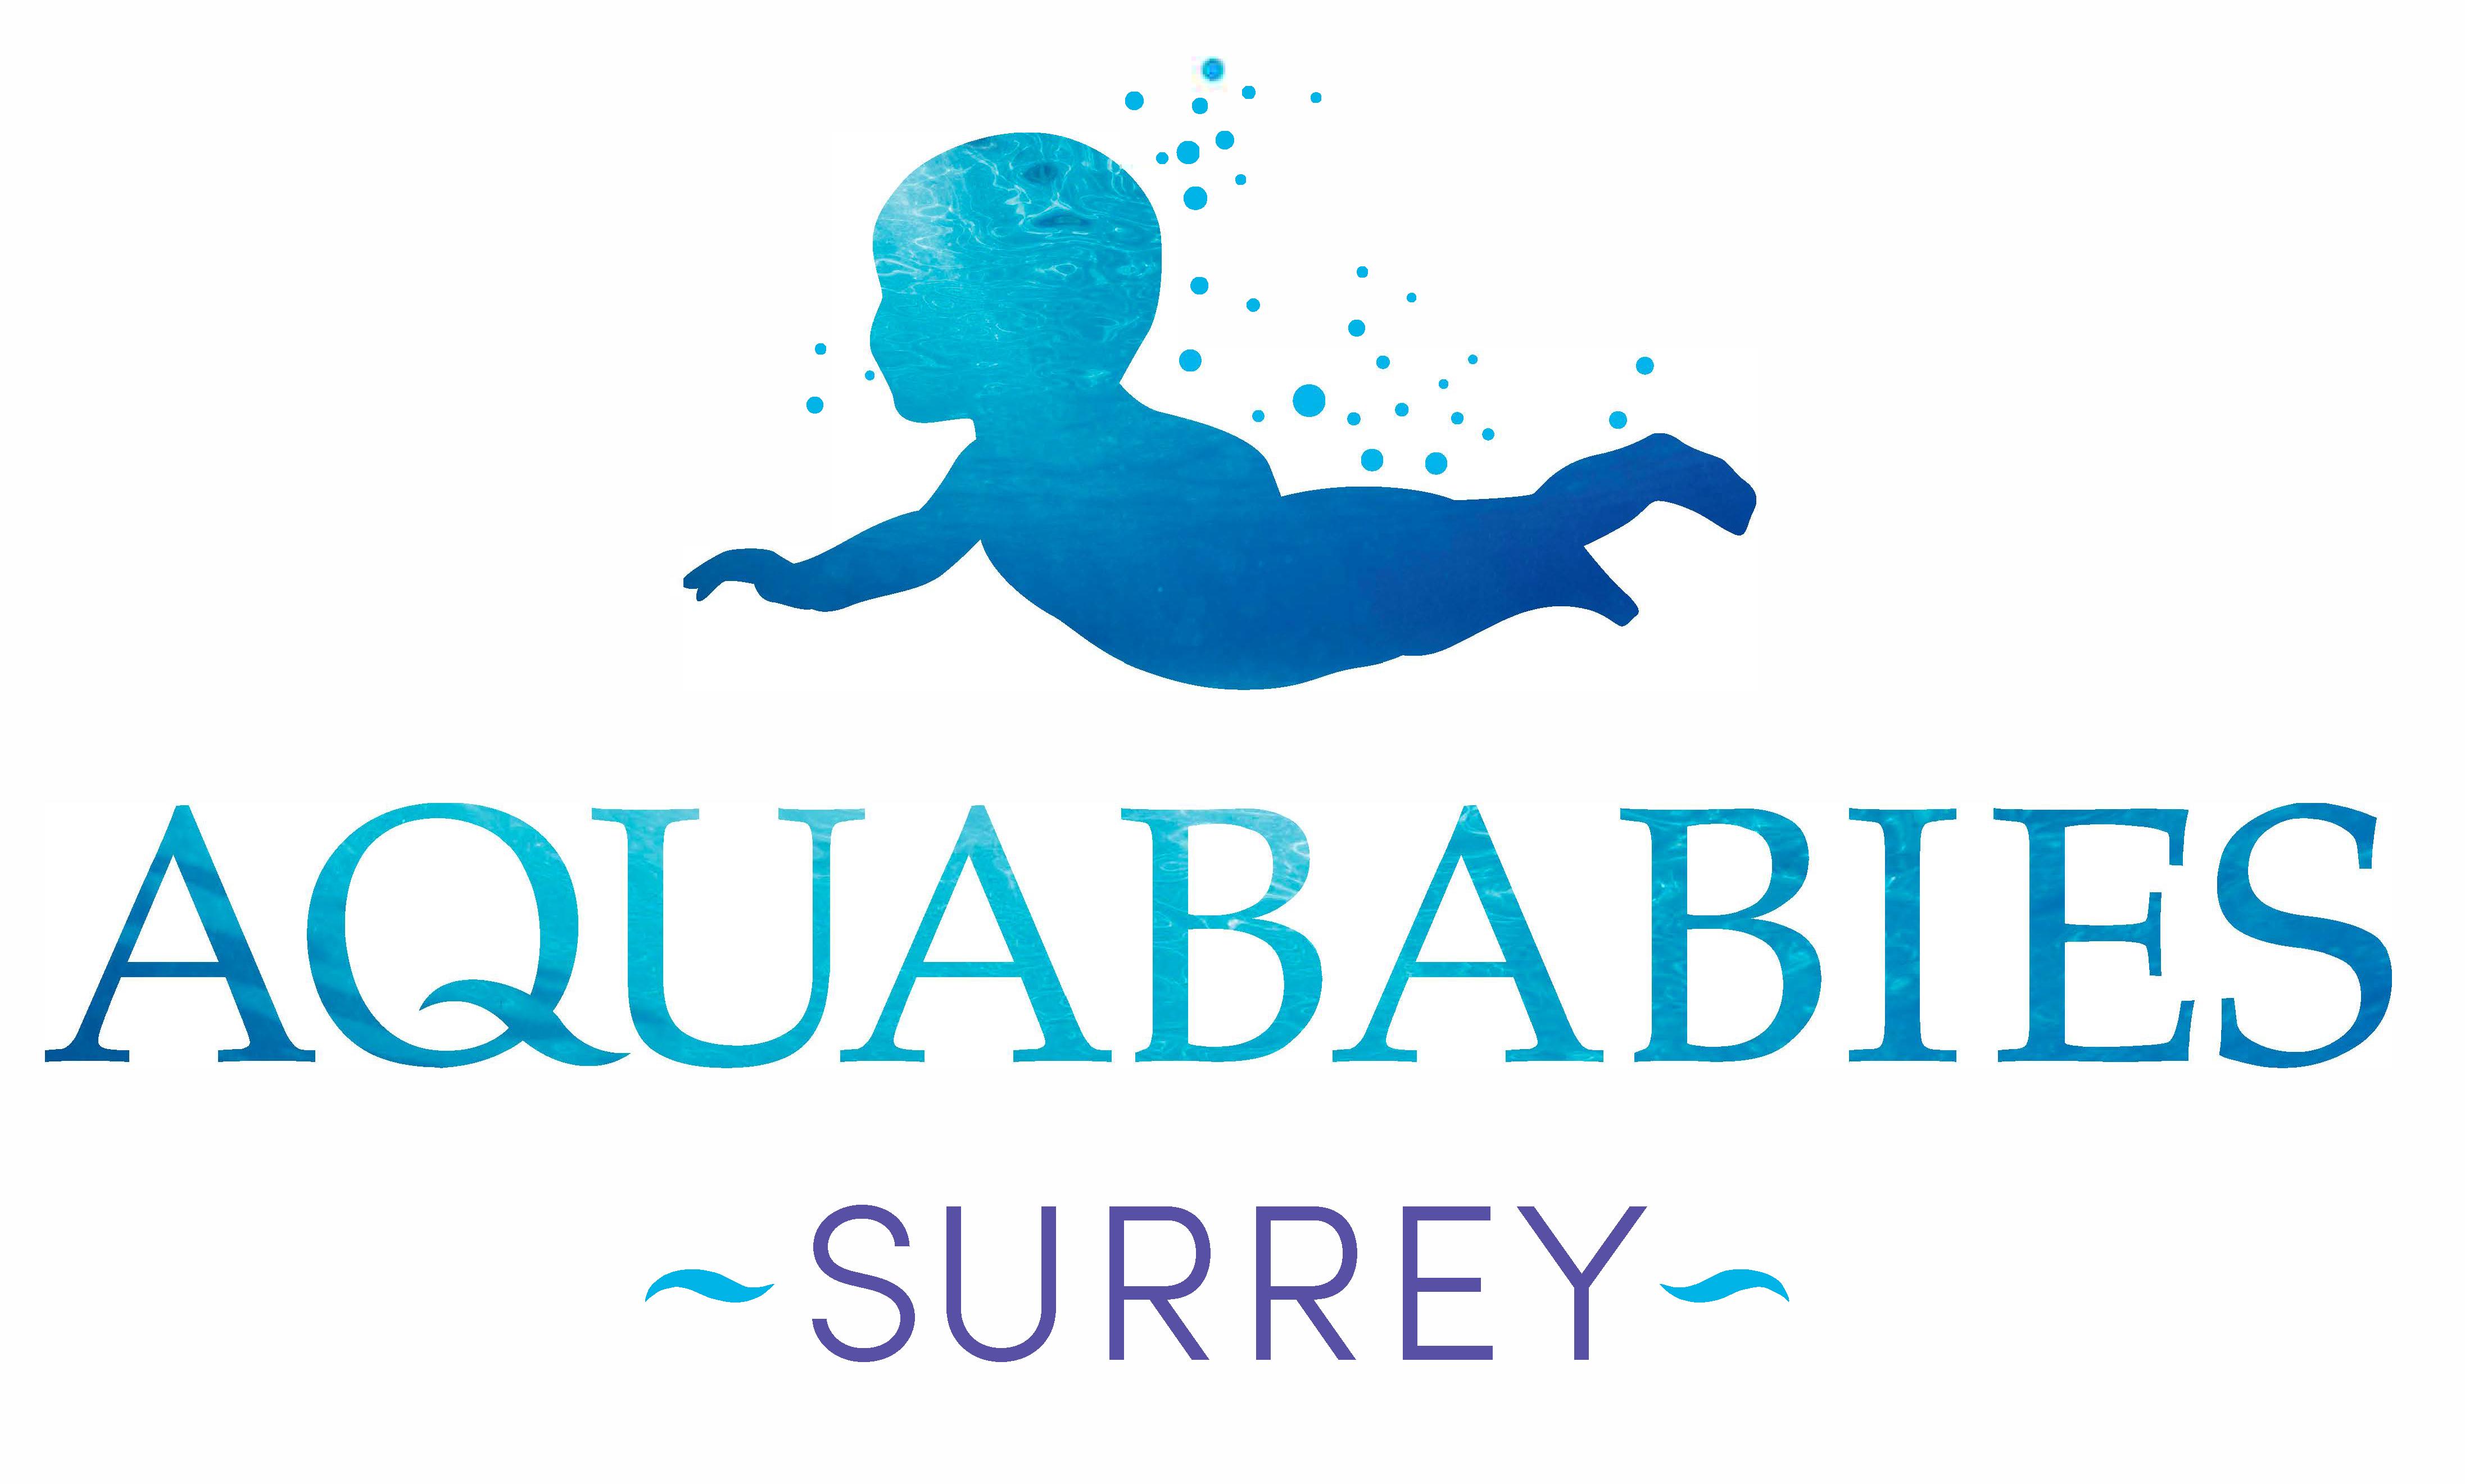 Aquababies Surrey